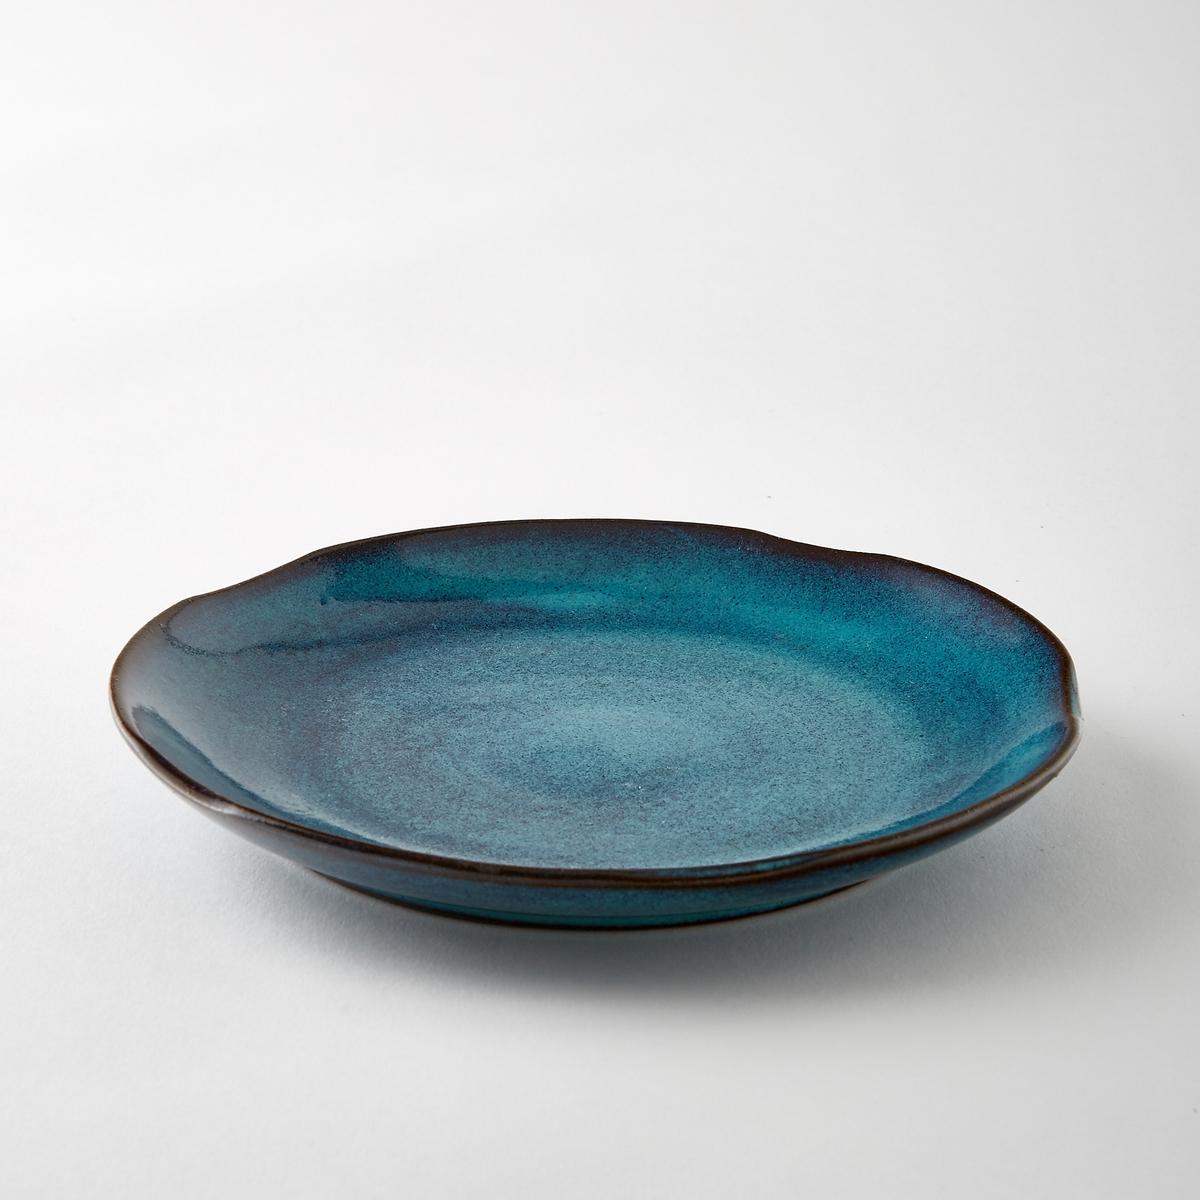 Фото Тарелка десертная из керамики, диаметр 22 см, Aqua от Serax. Купить с доставкой